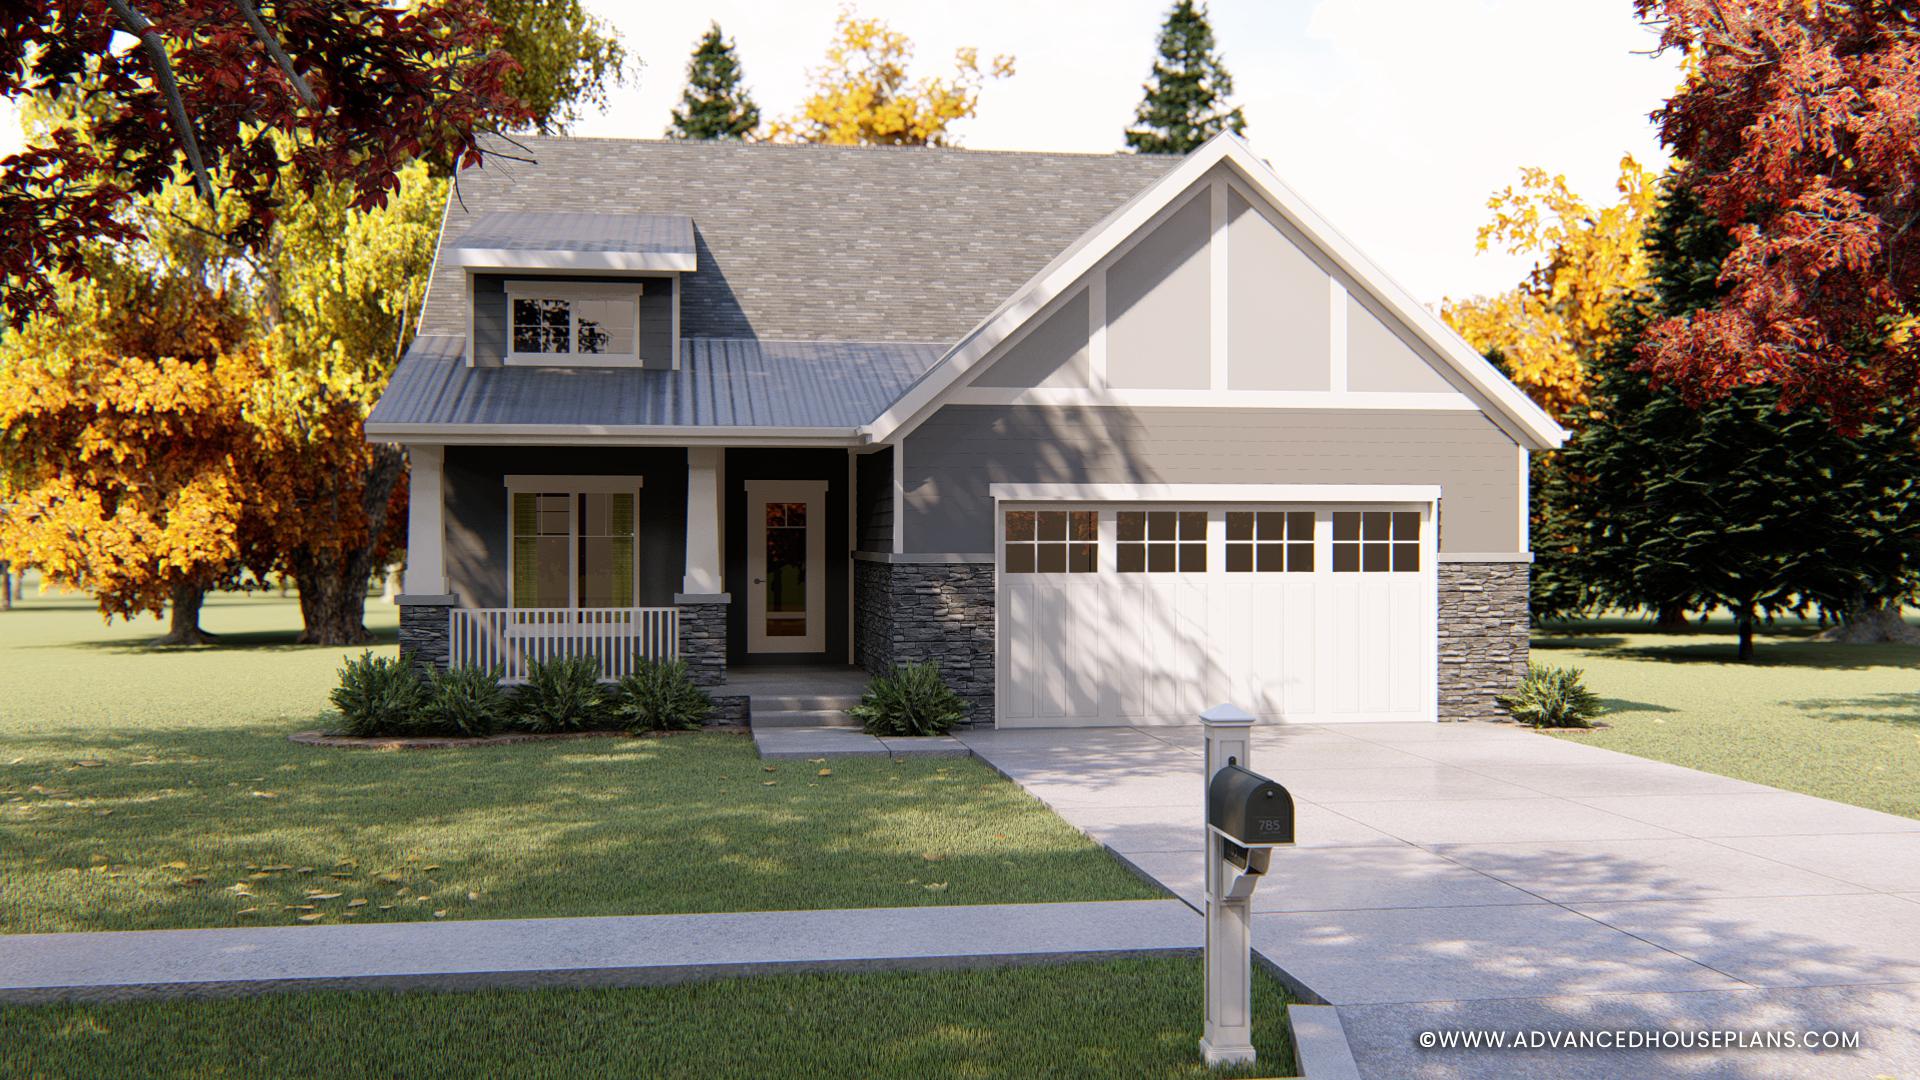 1 Story Goodman House Plan